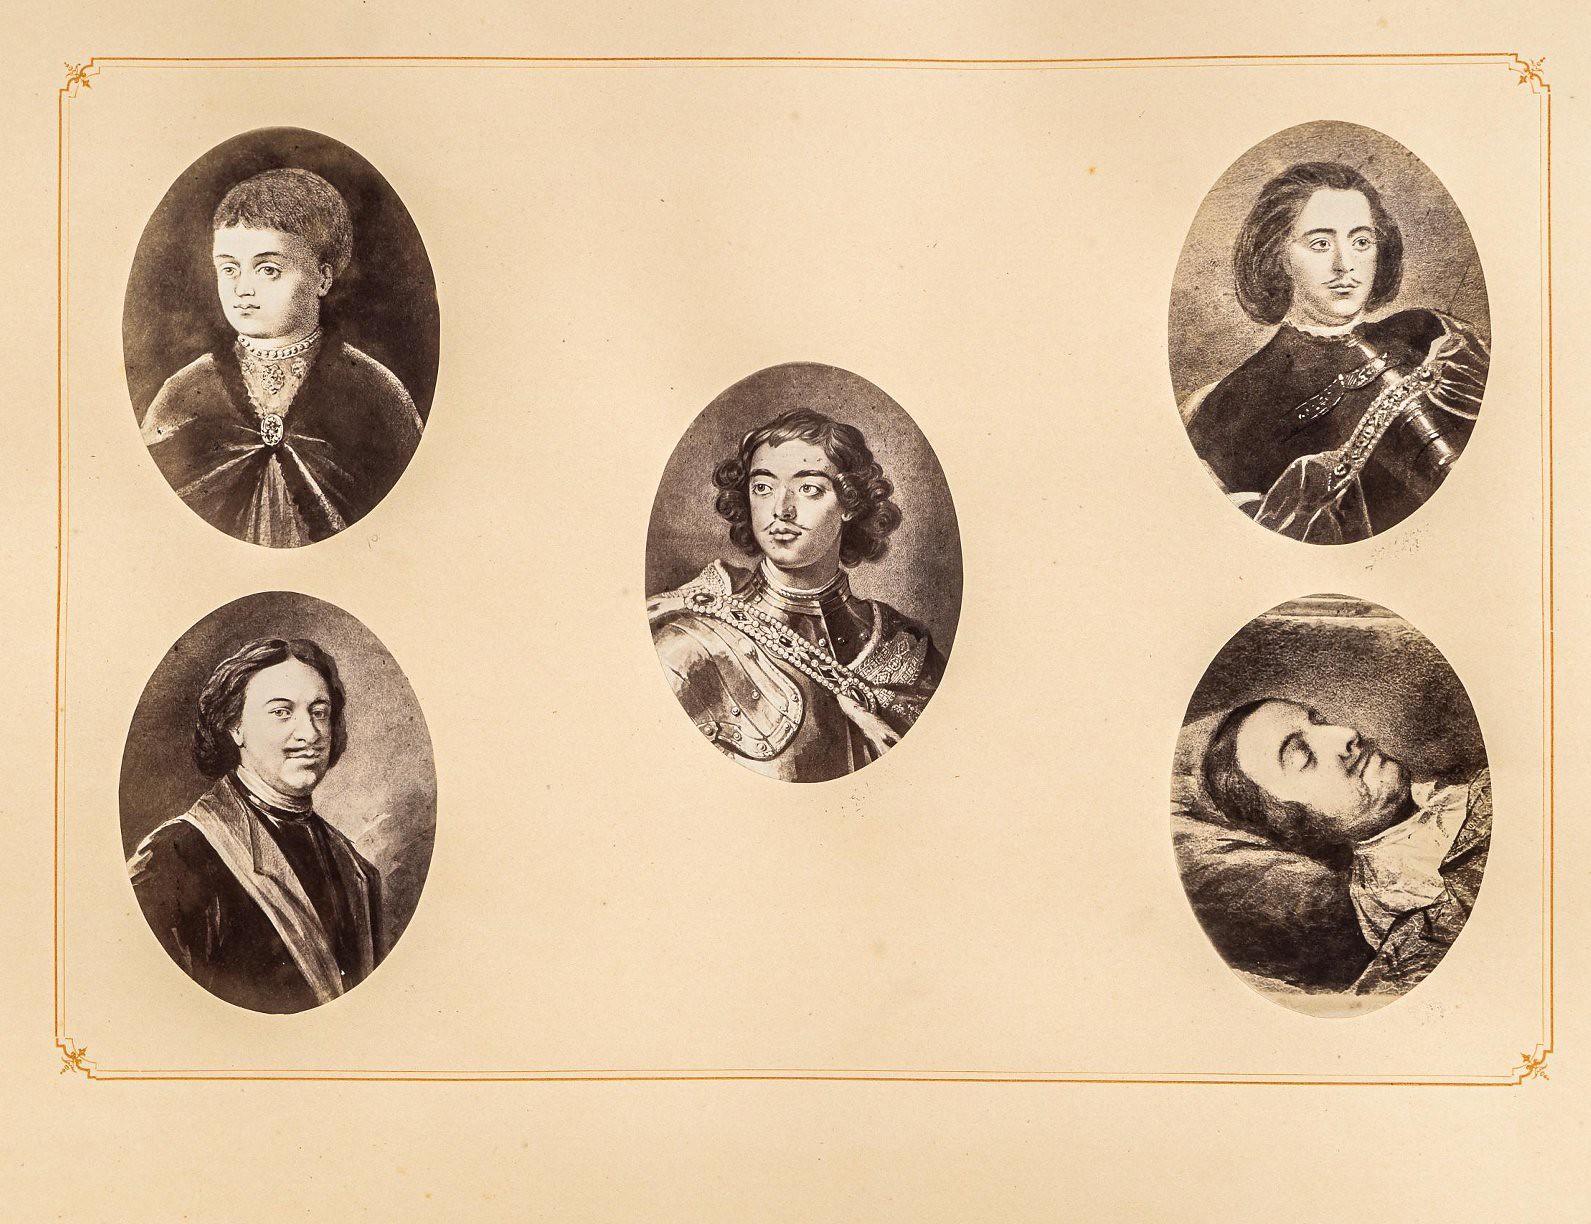 04. Пять овальных портретов Петра Великого, наклеенных на лист картона